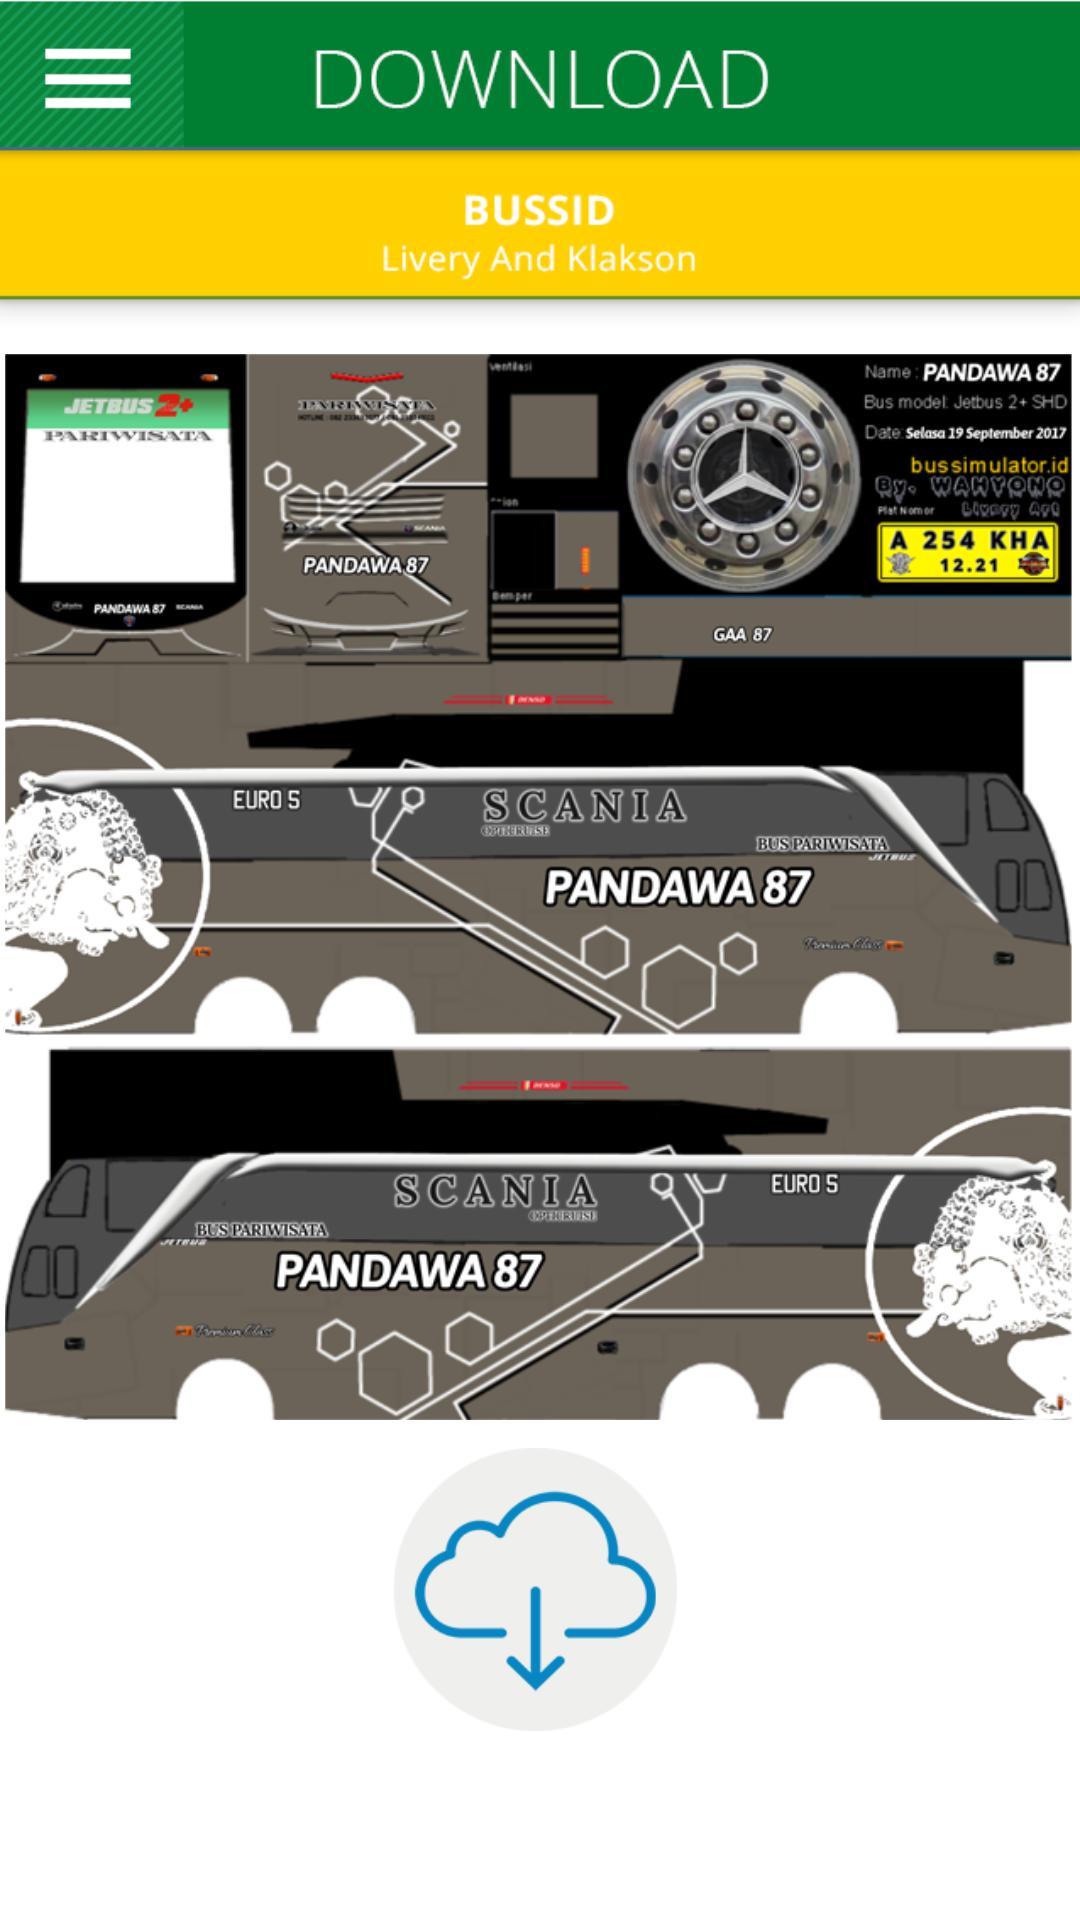 Livery Bus Shd Pandawa 87